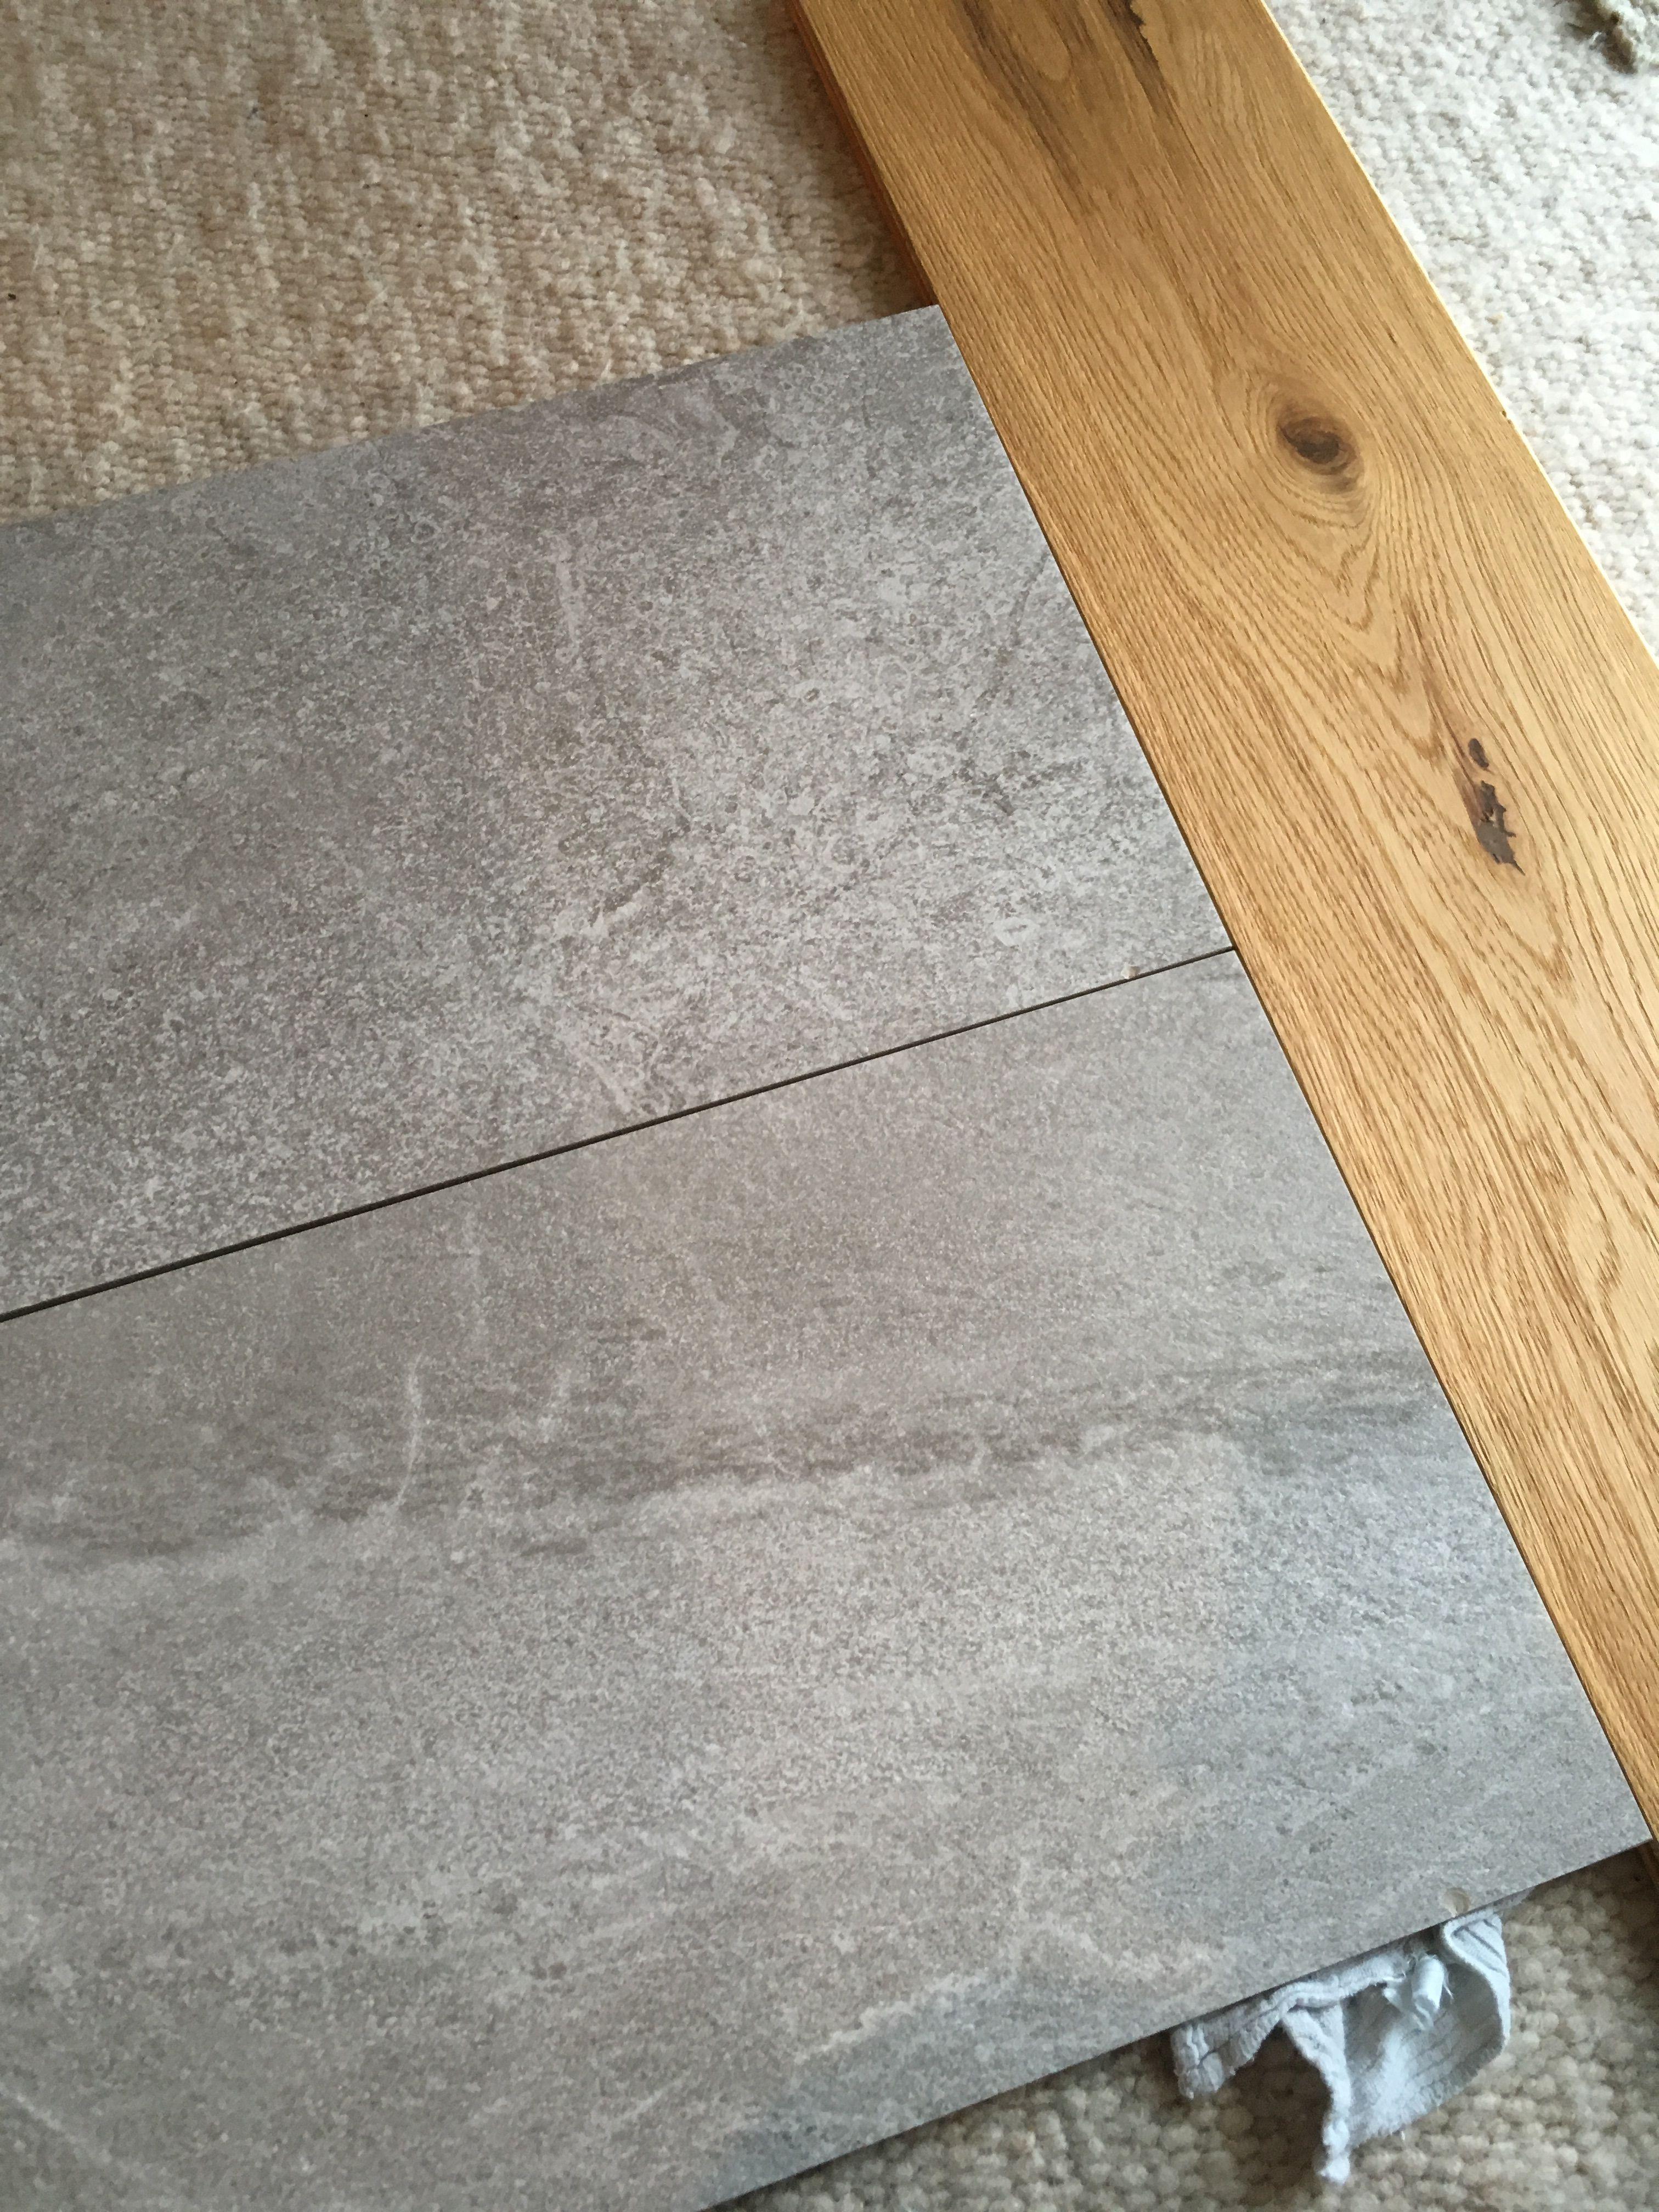 bitte schauen sie auch einmal nach den fliesen von villeroy boch my earth grau oder. Black Bedroom Furniture Sets. Home Design Ideas